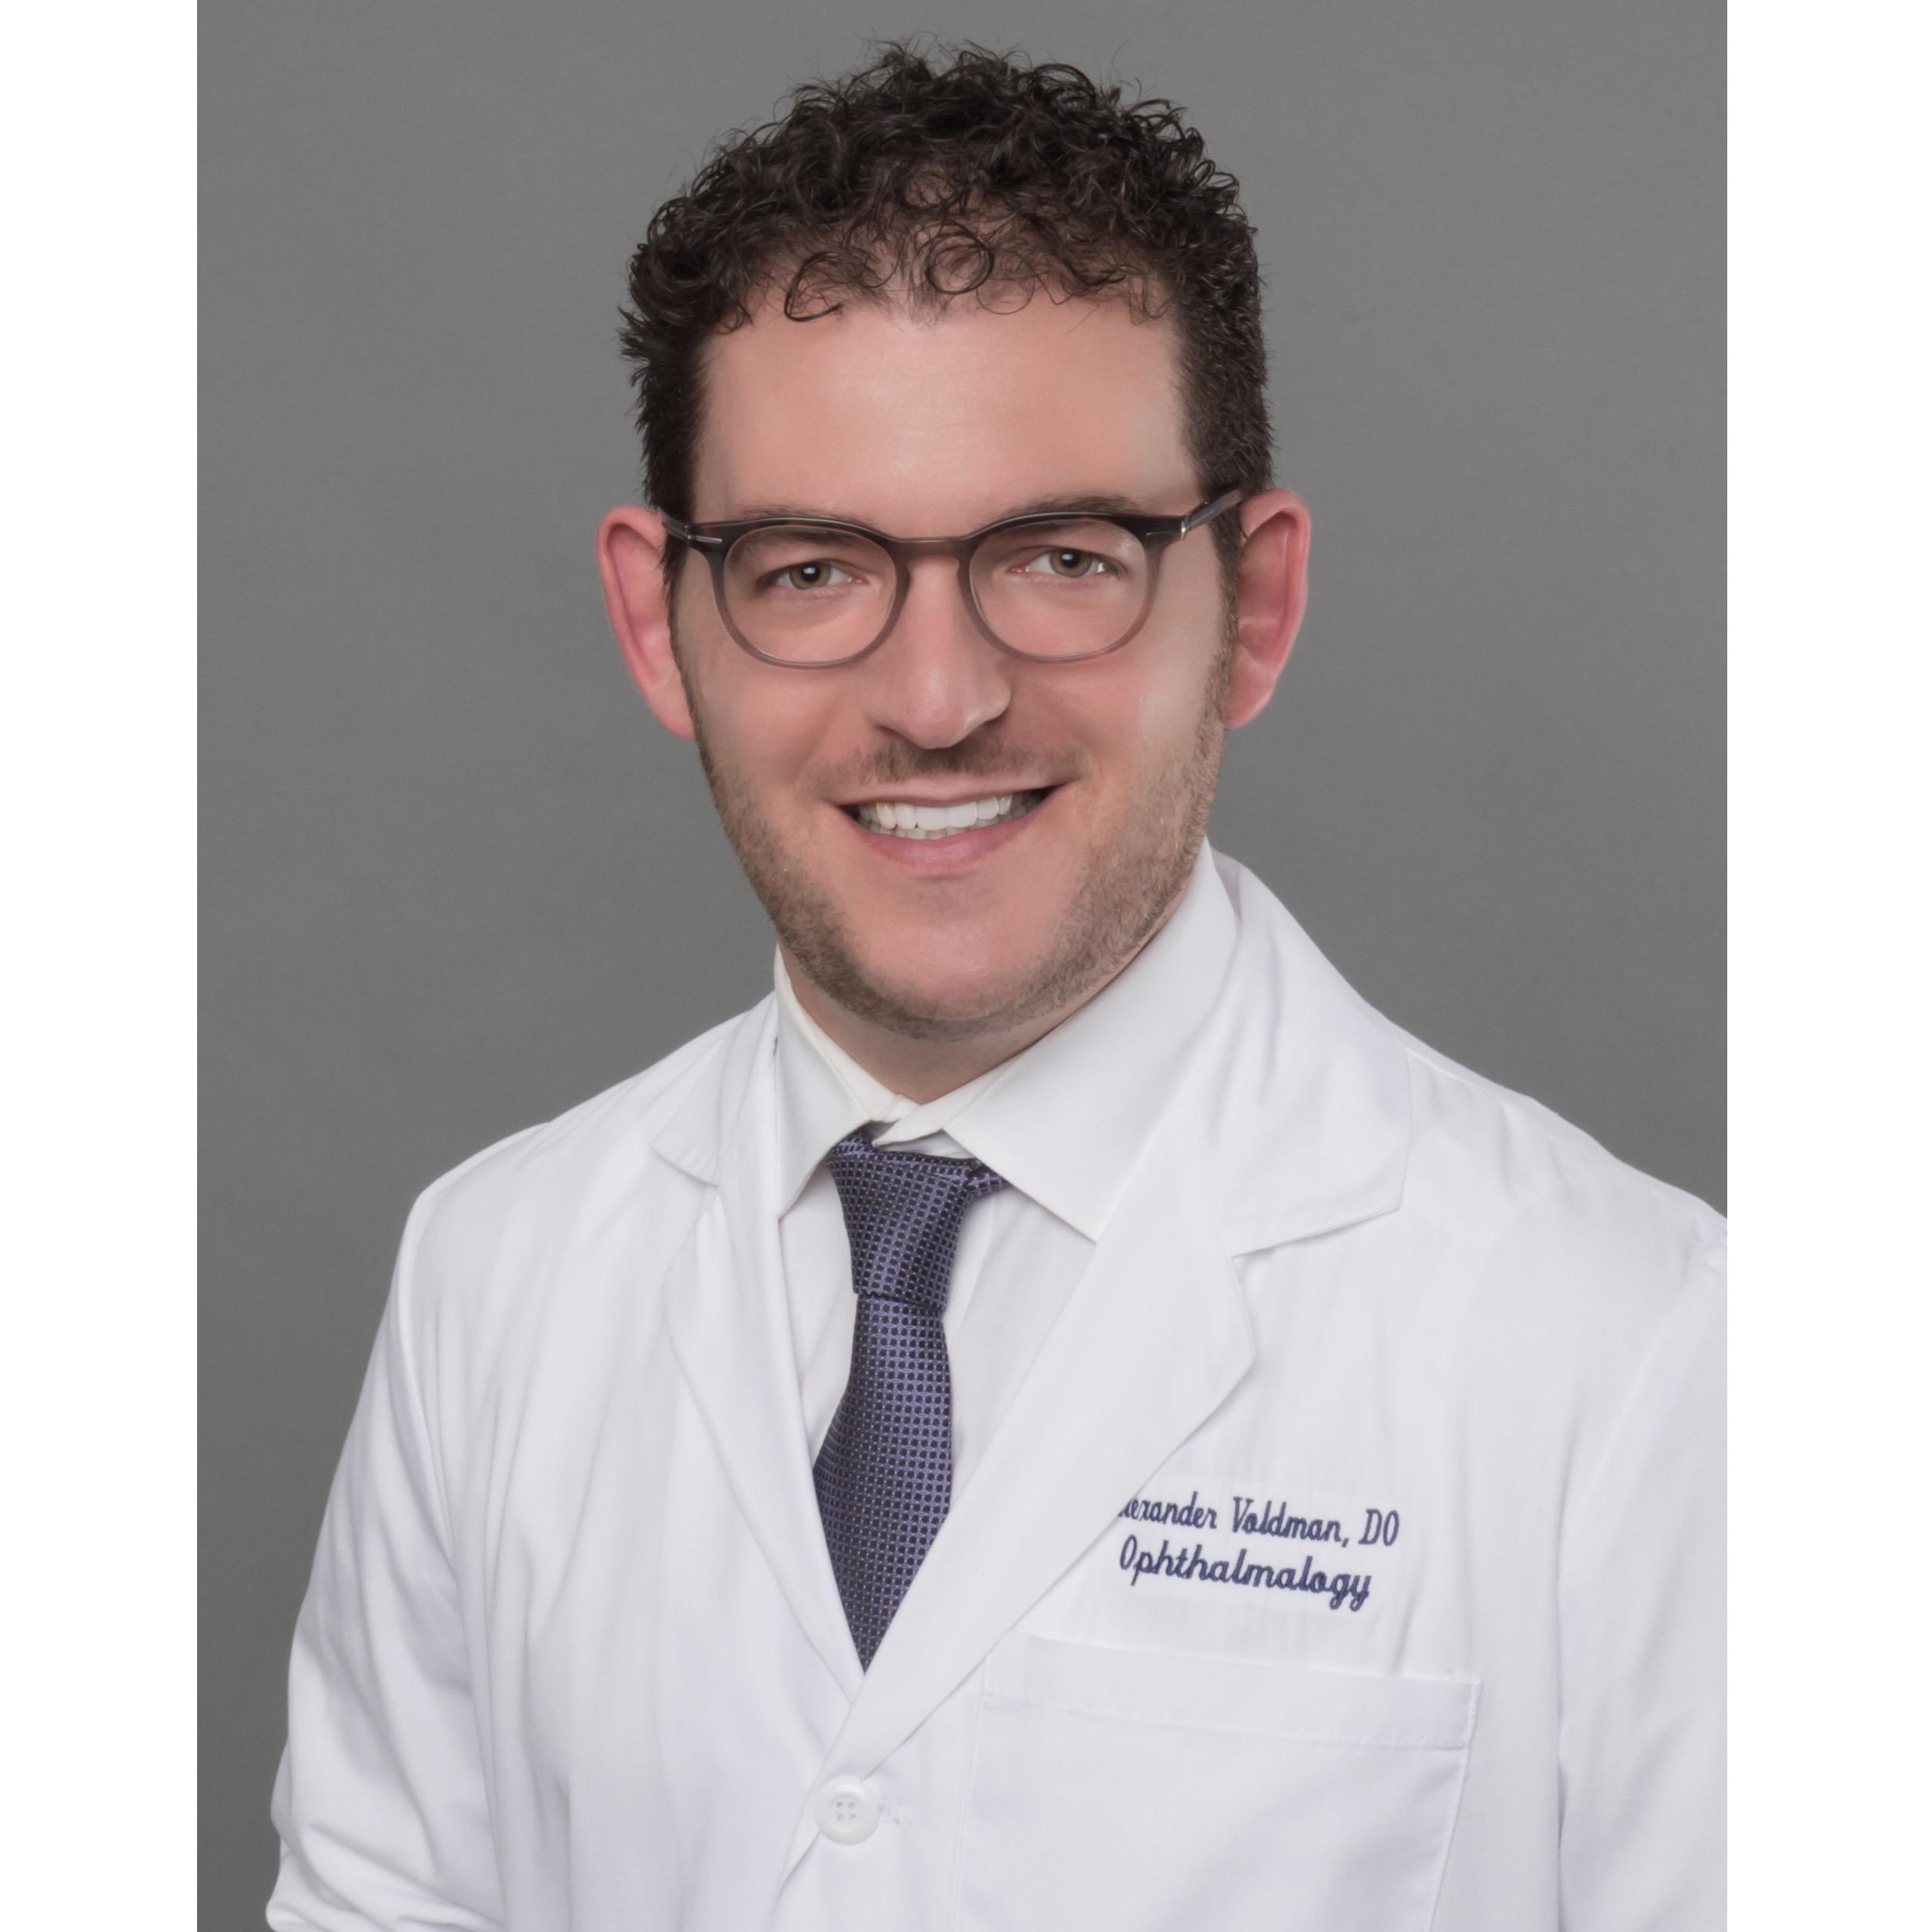 Dr. Alexander E Voldman DO